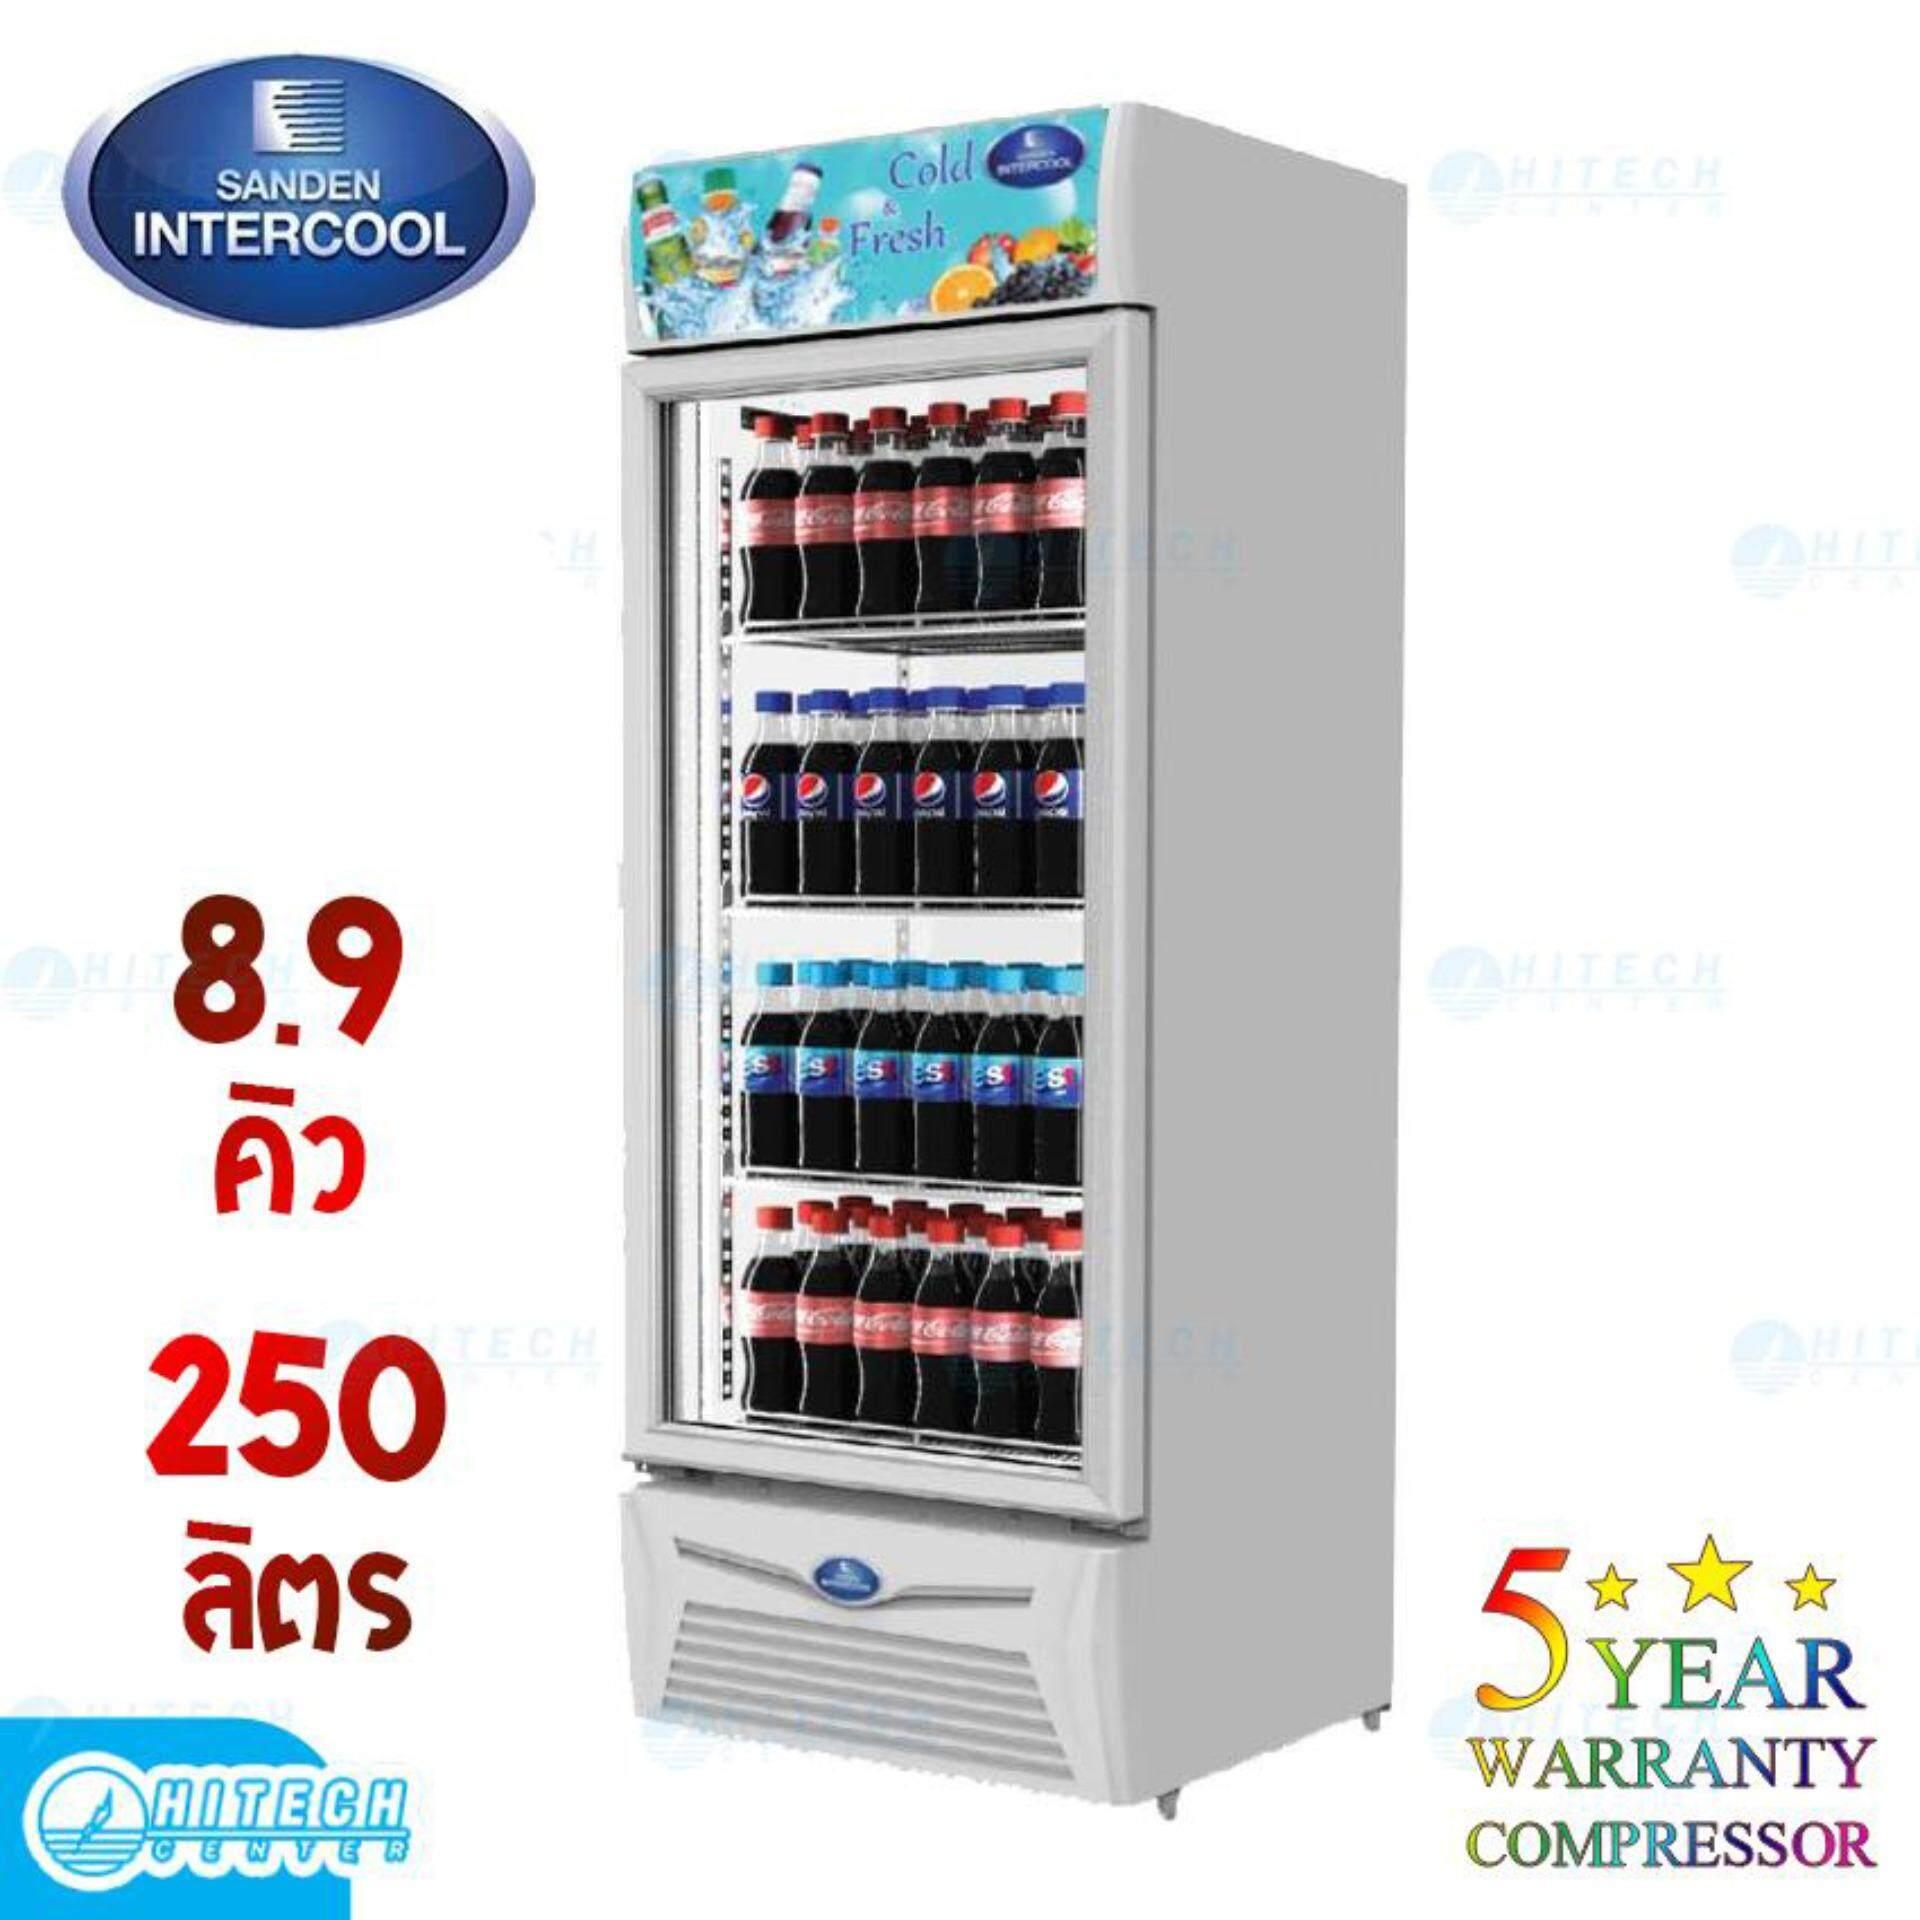 สินเชื่อบุคคลซิตี้  กระบี่ SANDEN ตู้แช่เย็น 1 ประตู 8.9 คิว รุ่น SPA-0253A